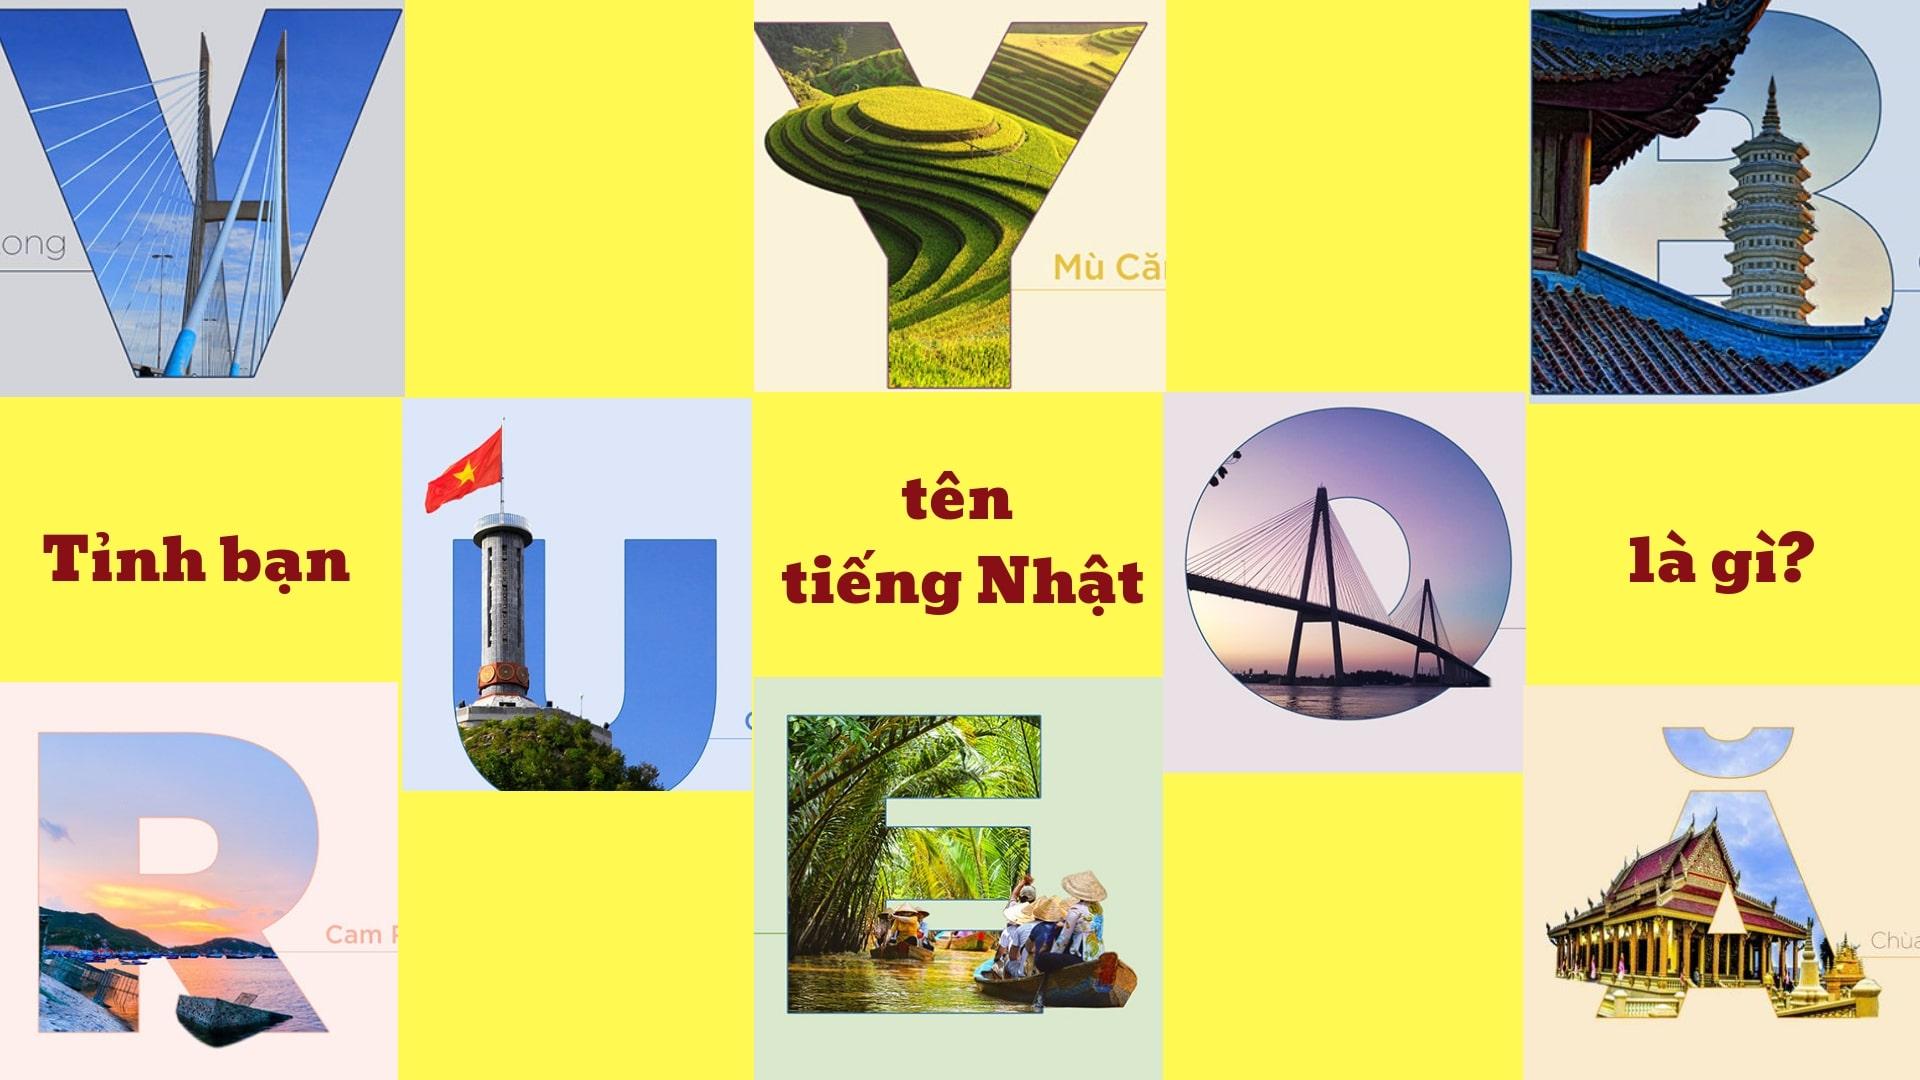 Tên tiếng Nhật của 63 tỉnh thành Việt Nam CỰC DỄ, bạn đã biết chưa?